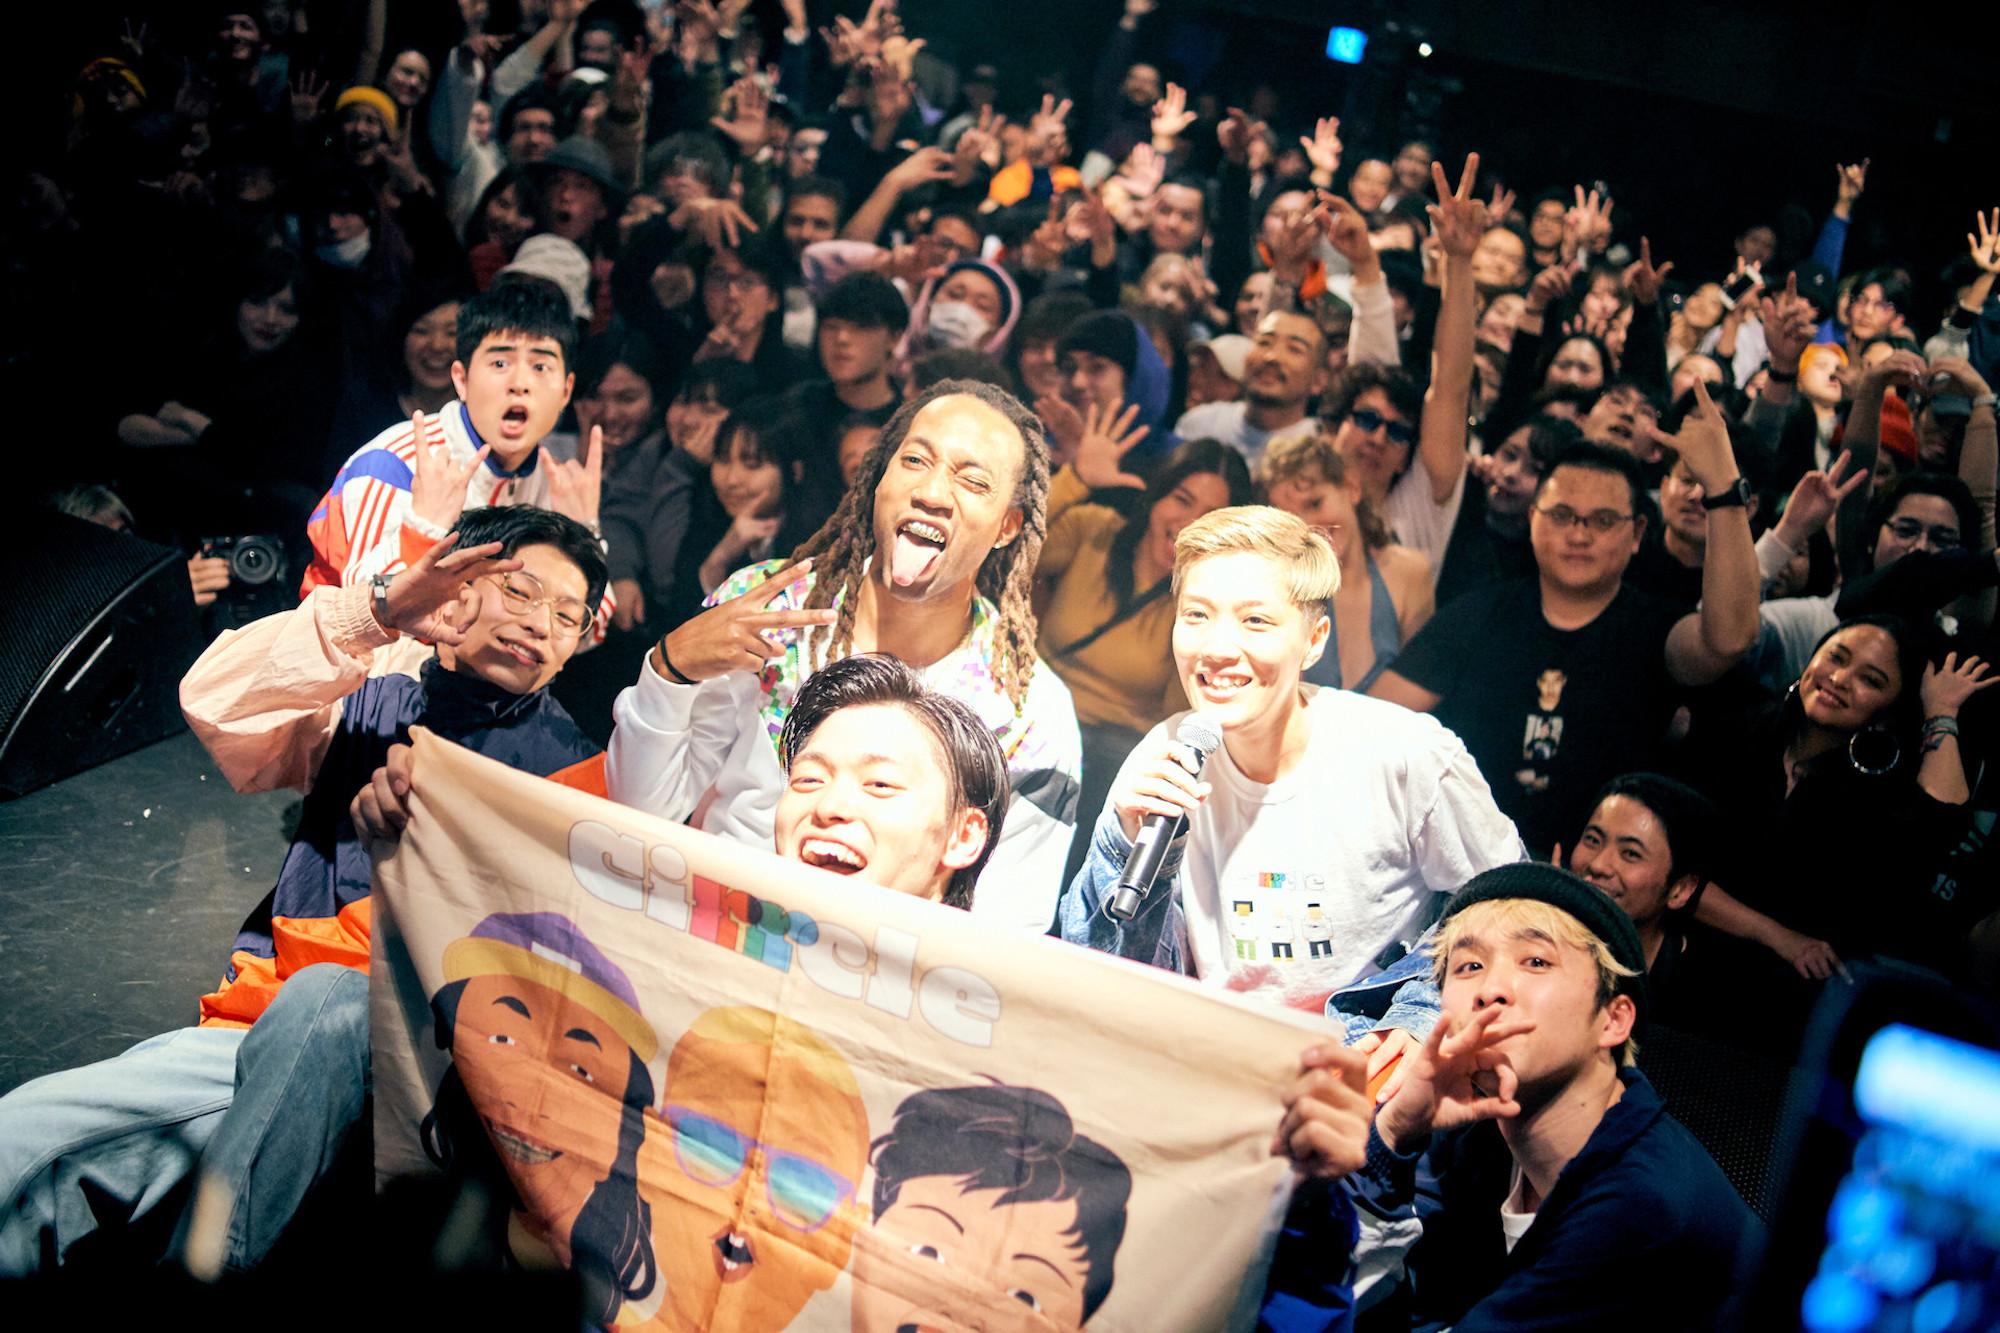 【レポート】RED BULL MUSIC FESTIVAL TOKYO AND 88RISING PRESENT:JAPAN RISING music190412-red-bull-music-festival-tokyo-2019-japan-rising-7